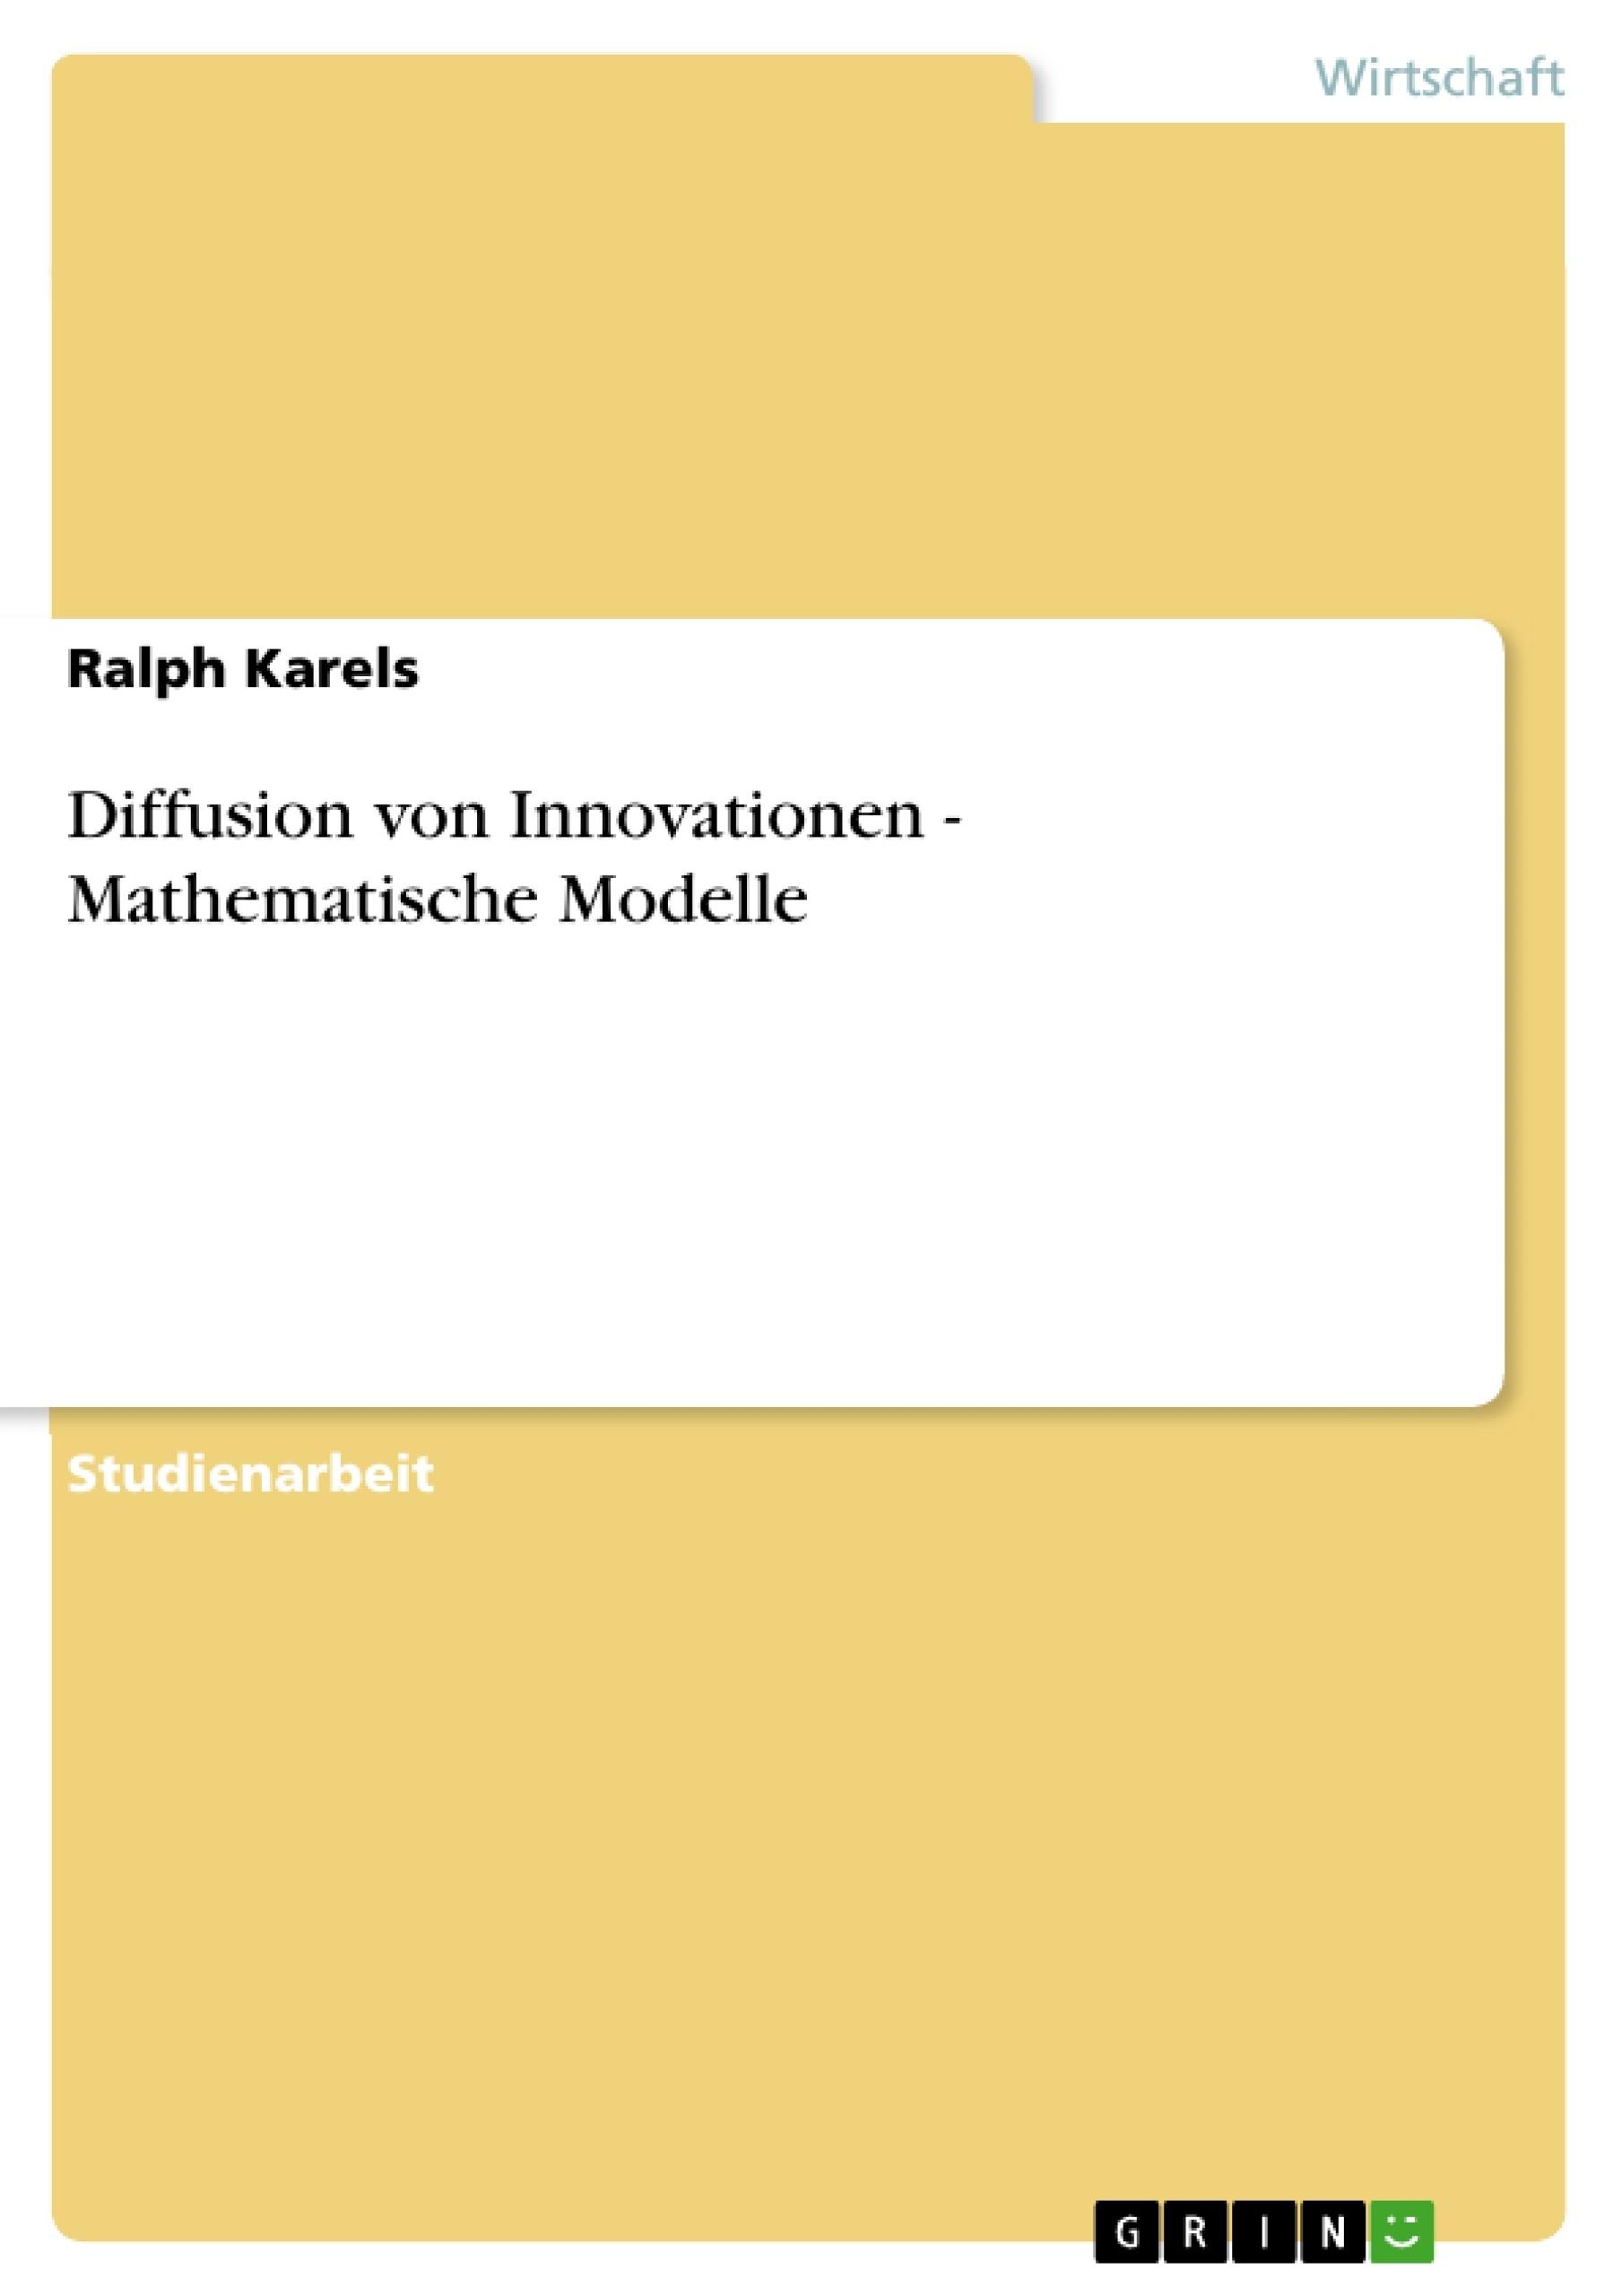 Titel: Diffusion von Innovationen - Mathematische Modelle